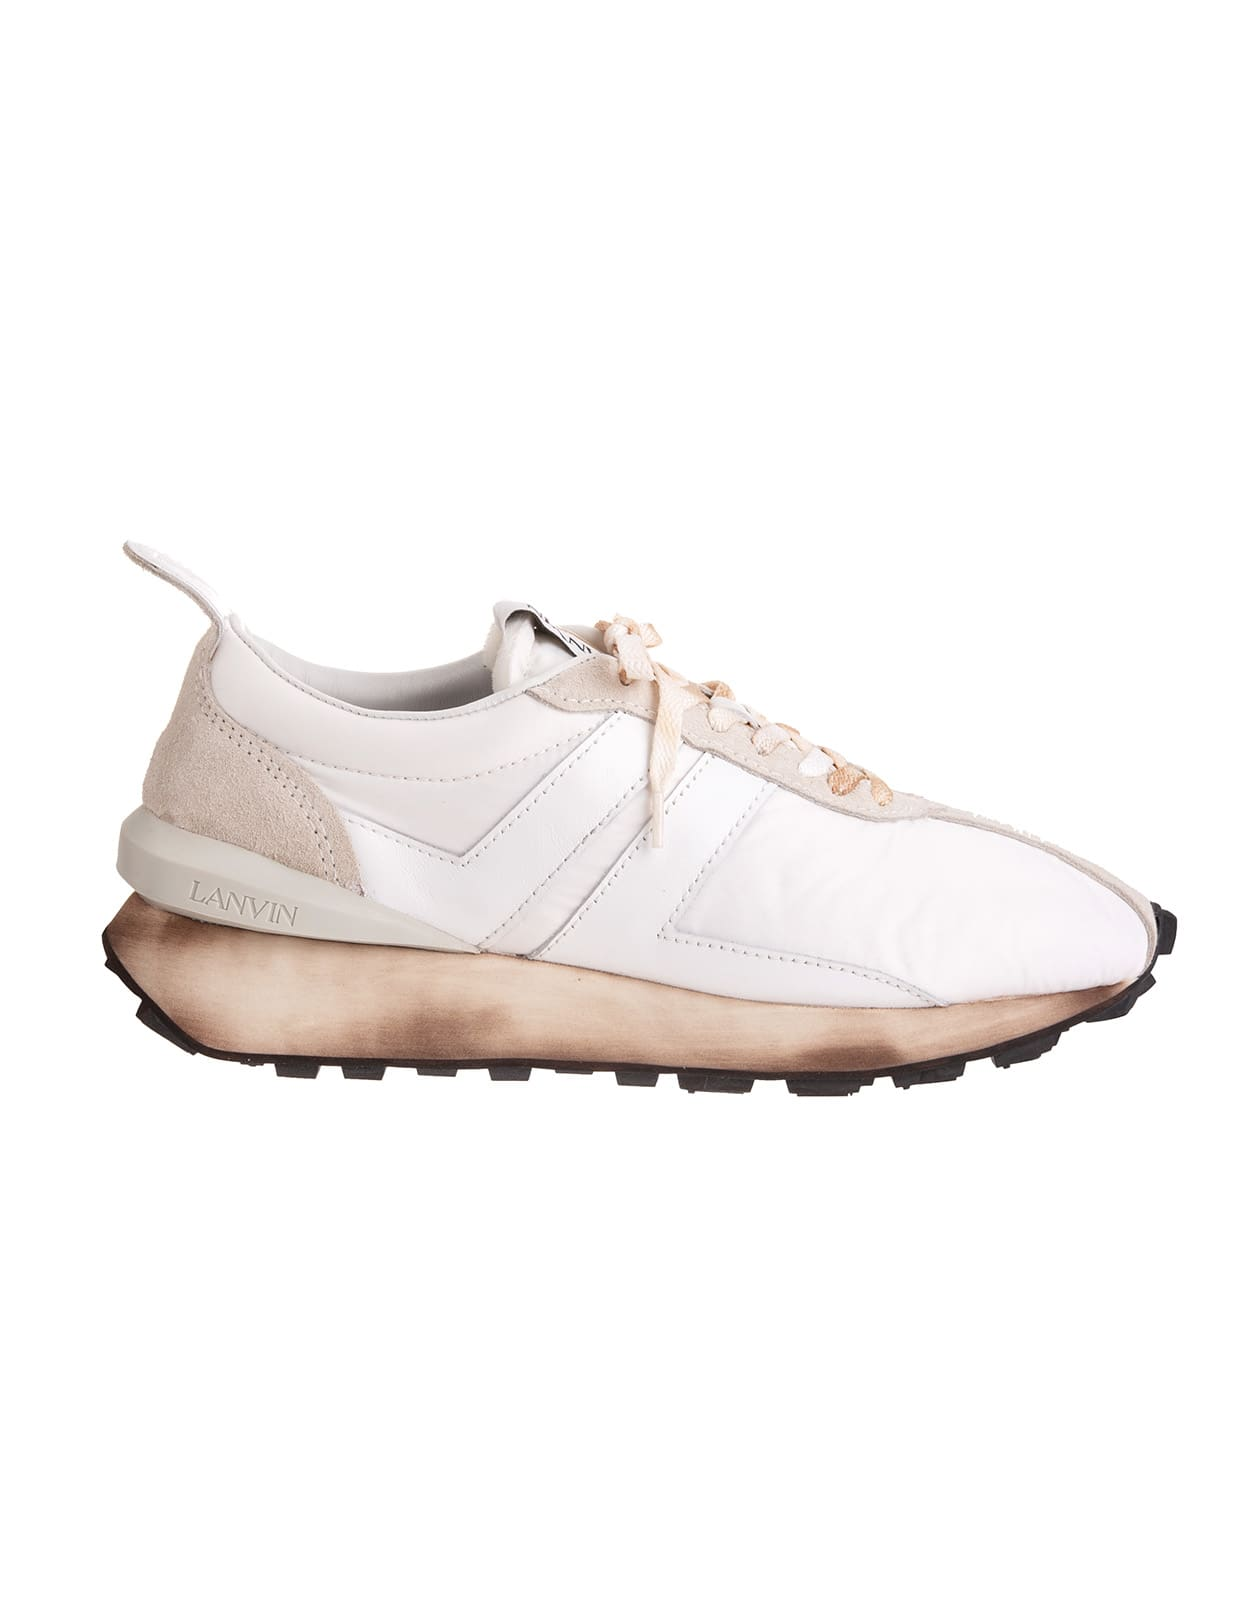 Bumper Man Sneakers From Lanvin